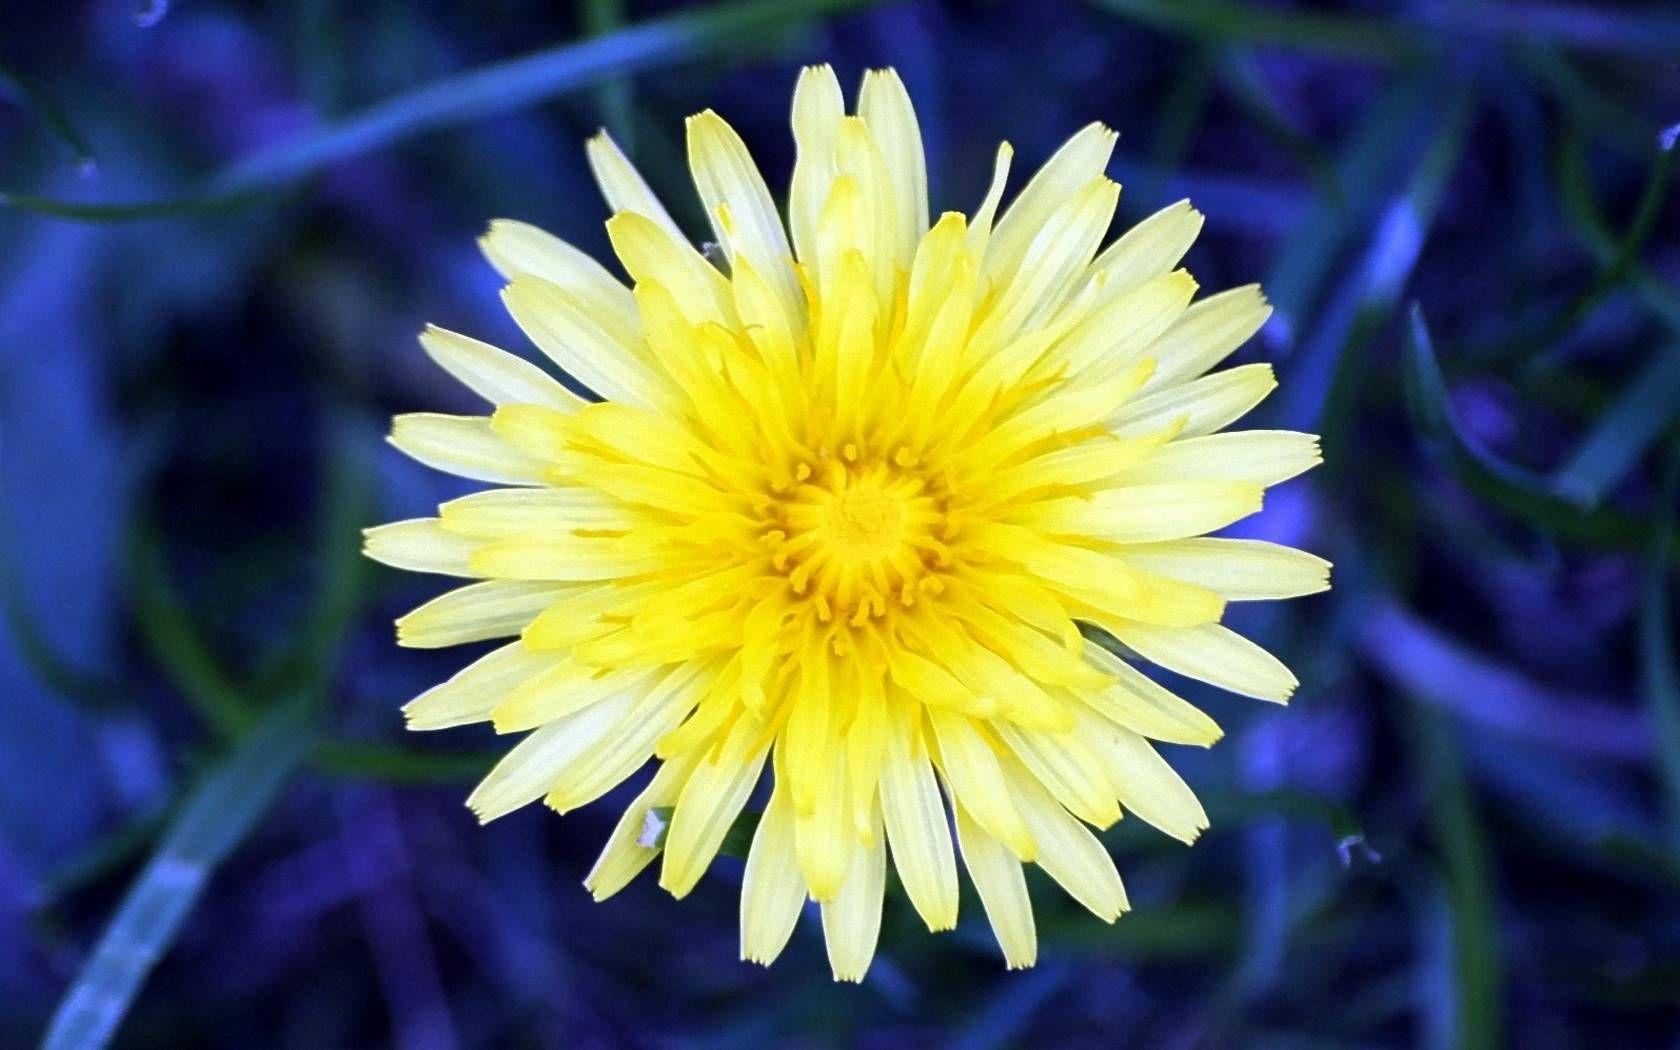 Blumenbilder | Blumenbilder Kostenlos | Blumen Bilder über Blumenbilder Kostenlos Herunterladen